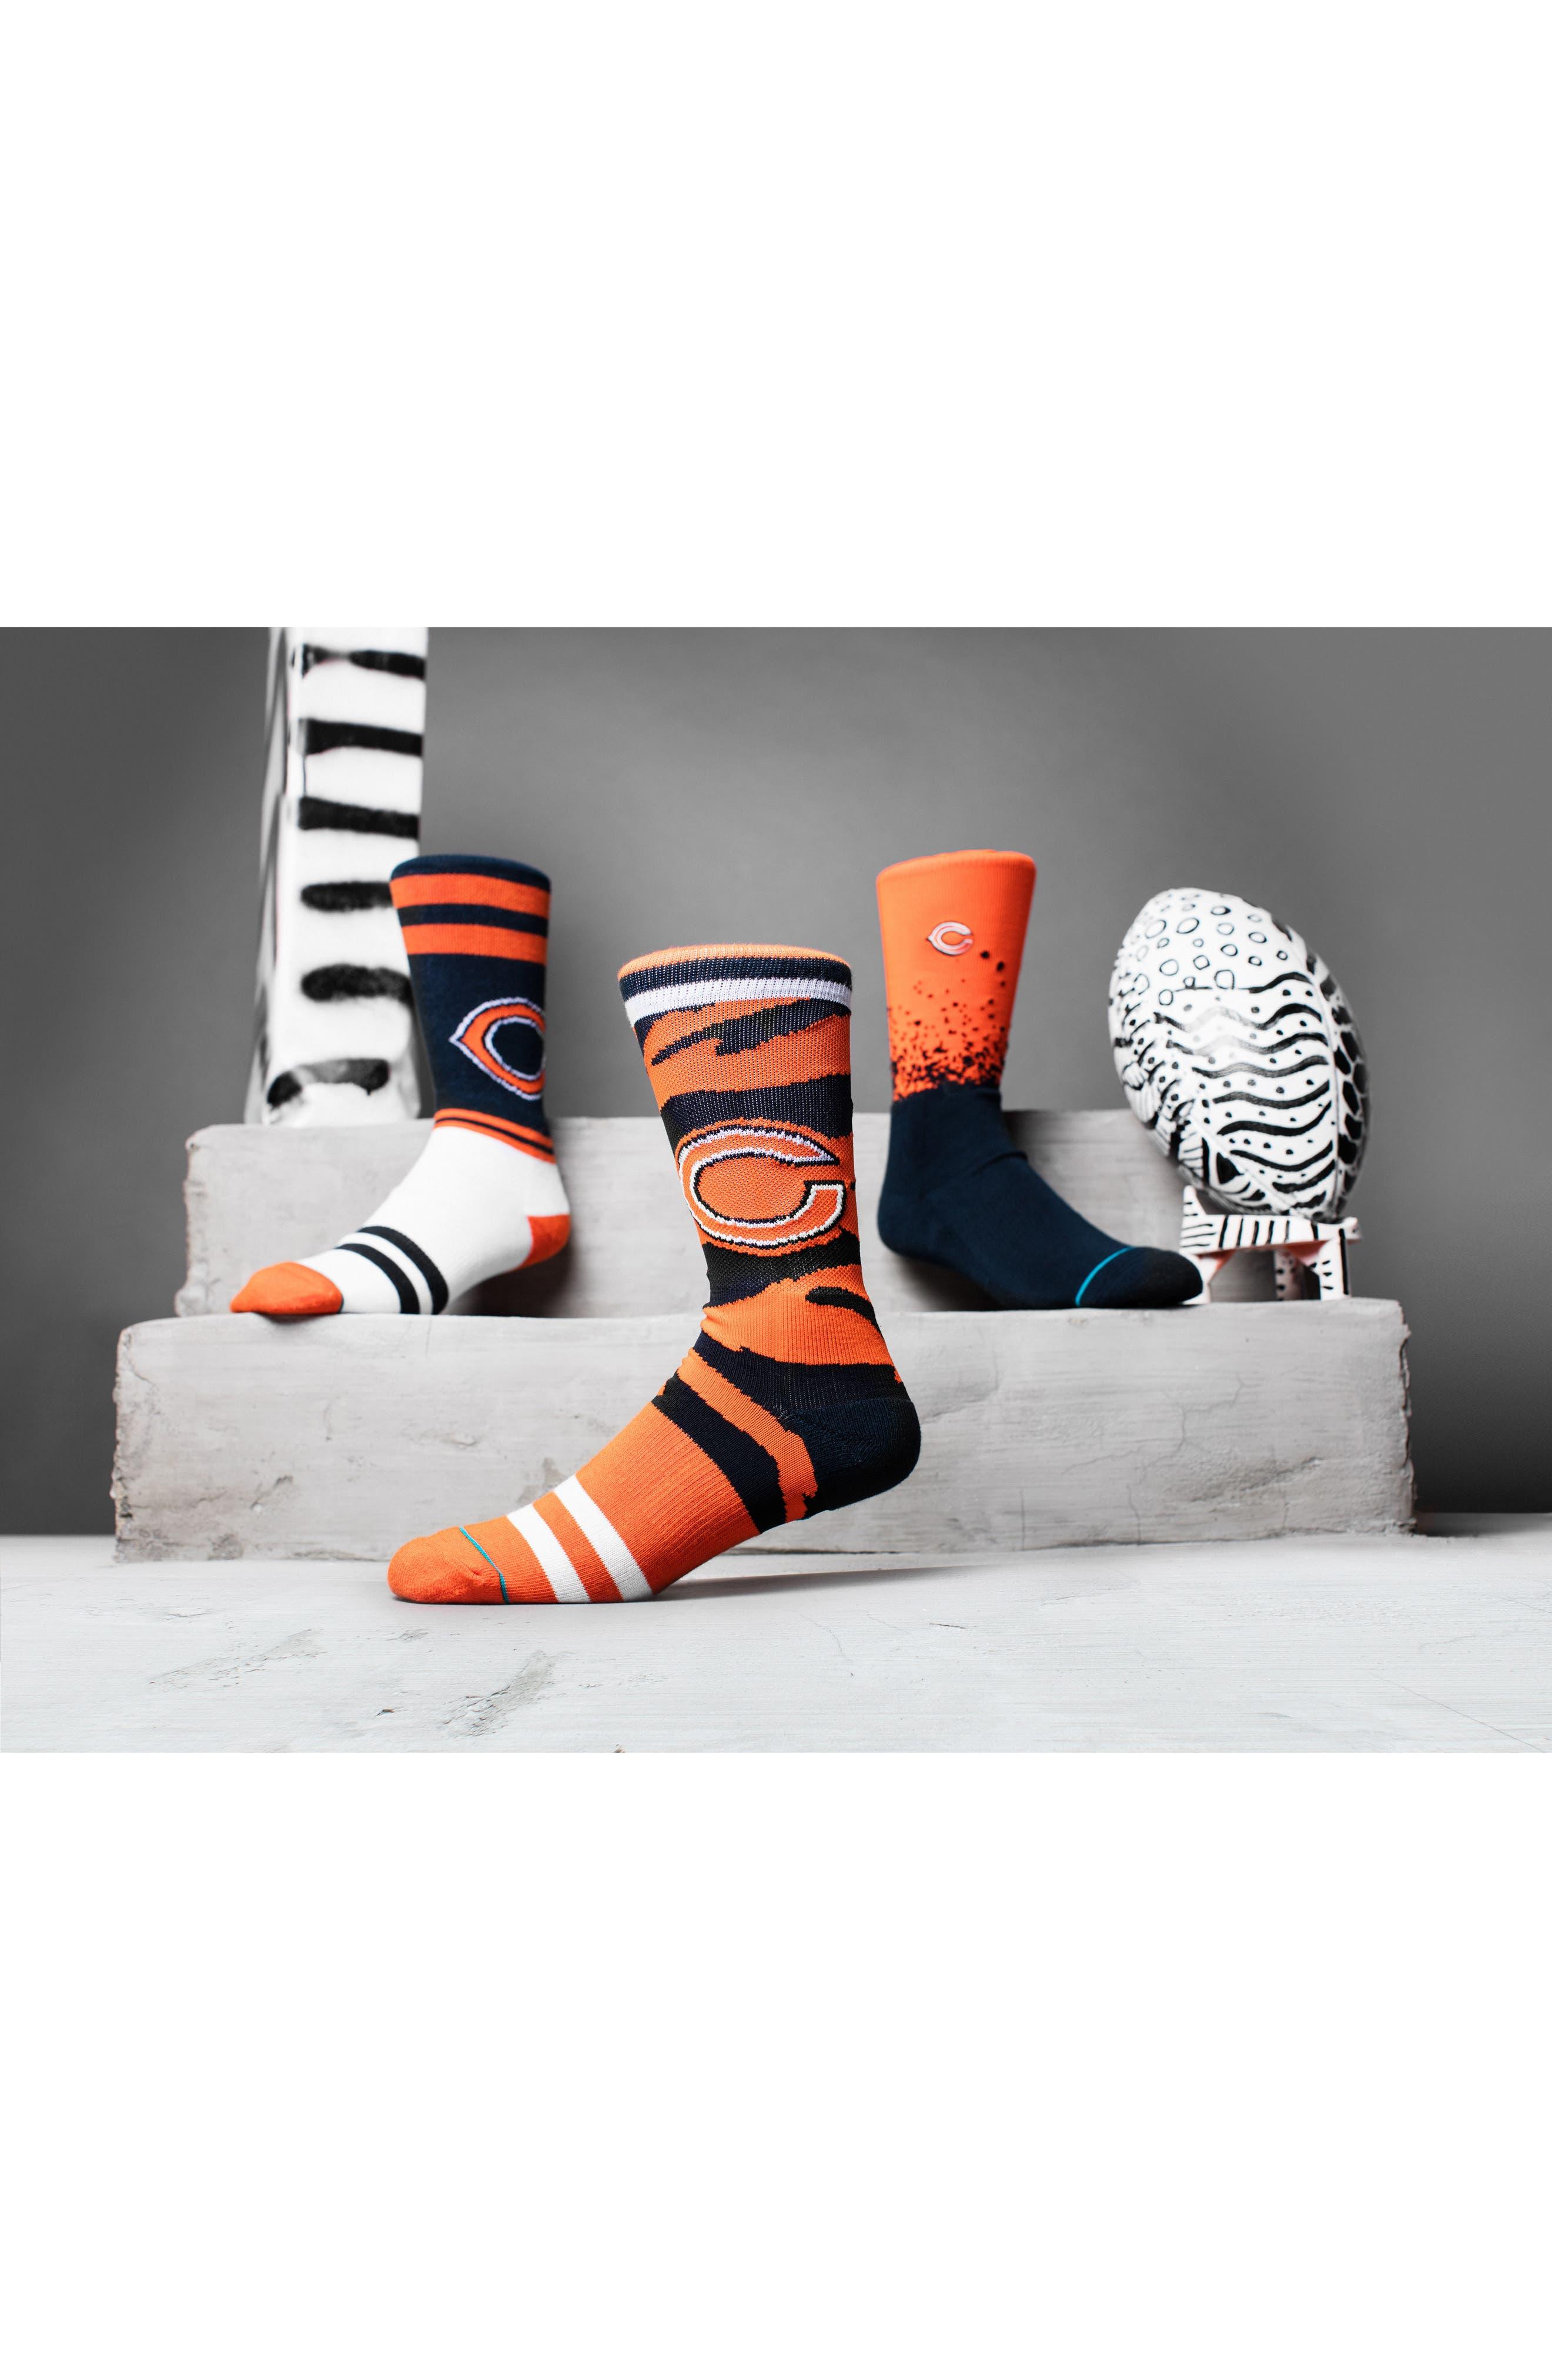 Chicago Bears - Fade Socks,                             Alternate thumbnail 3, color,                             Orange